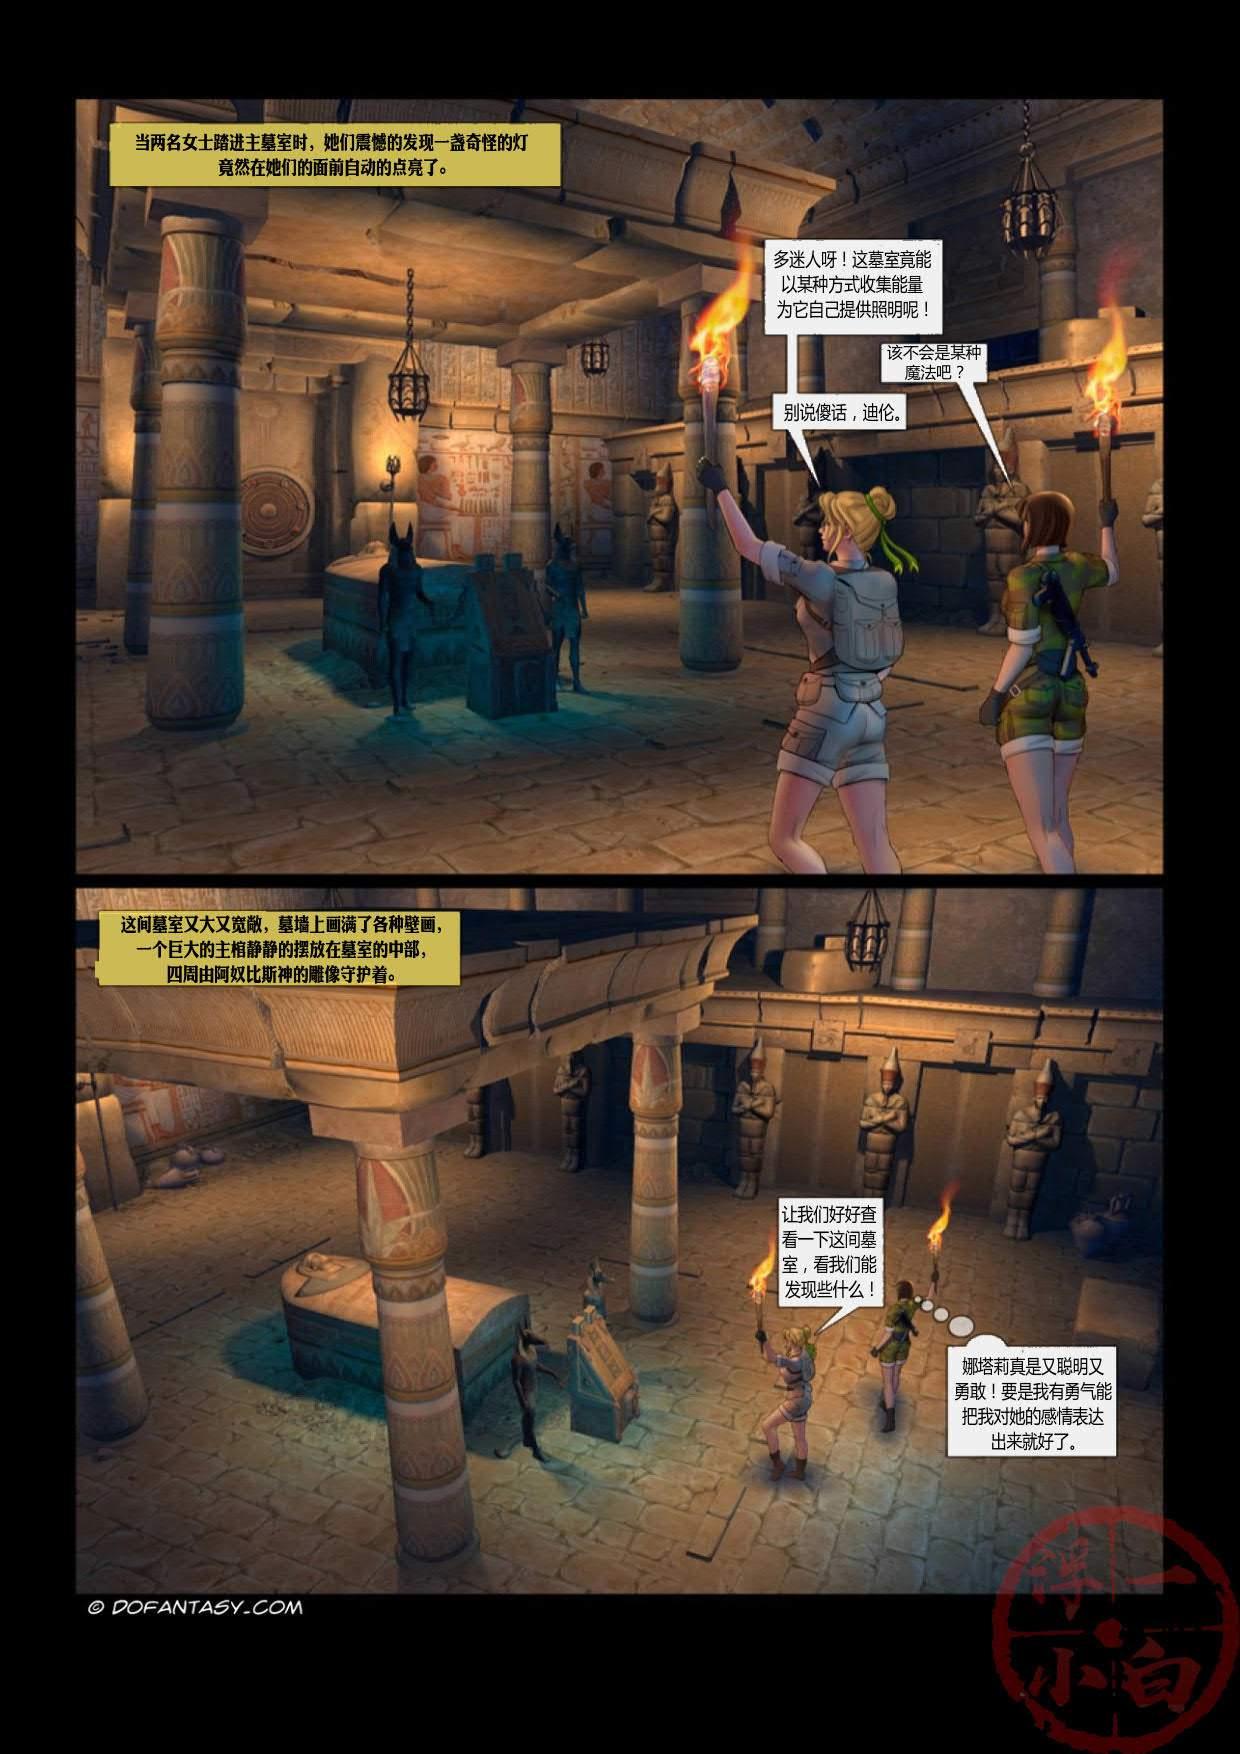 埃及探险 EGYPT ADVENTURE 漫画-第1张